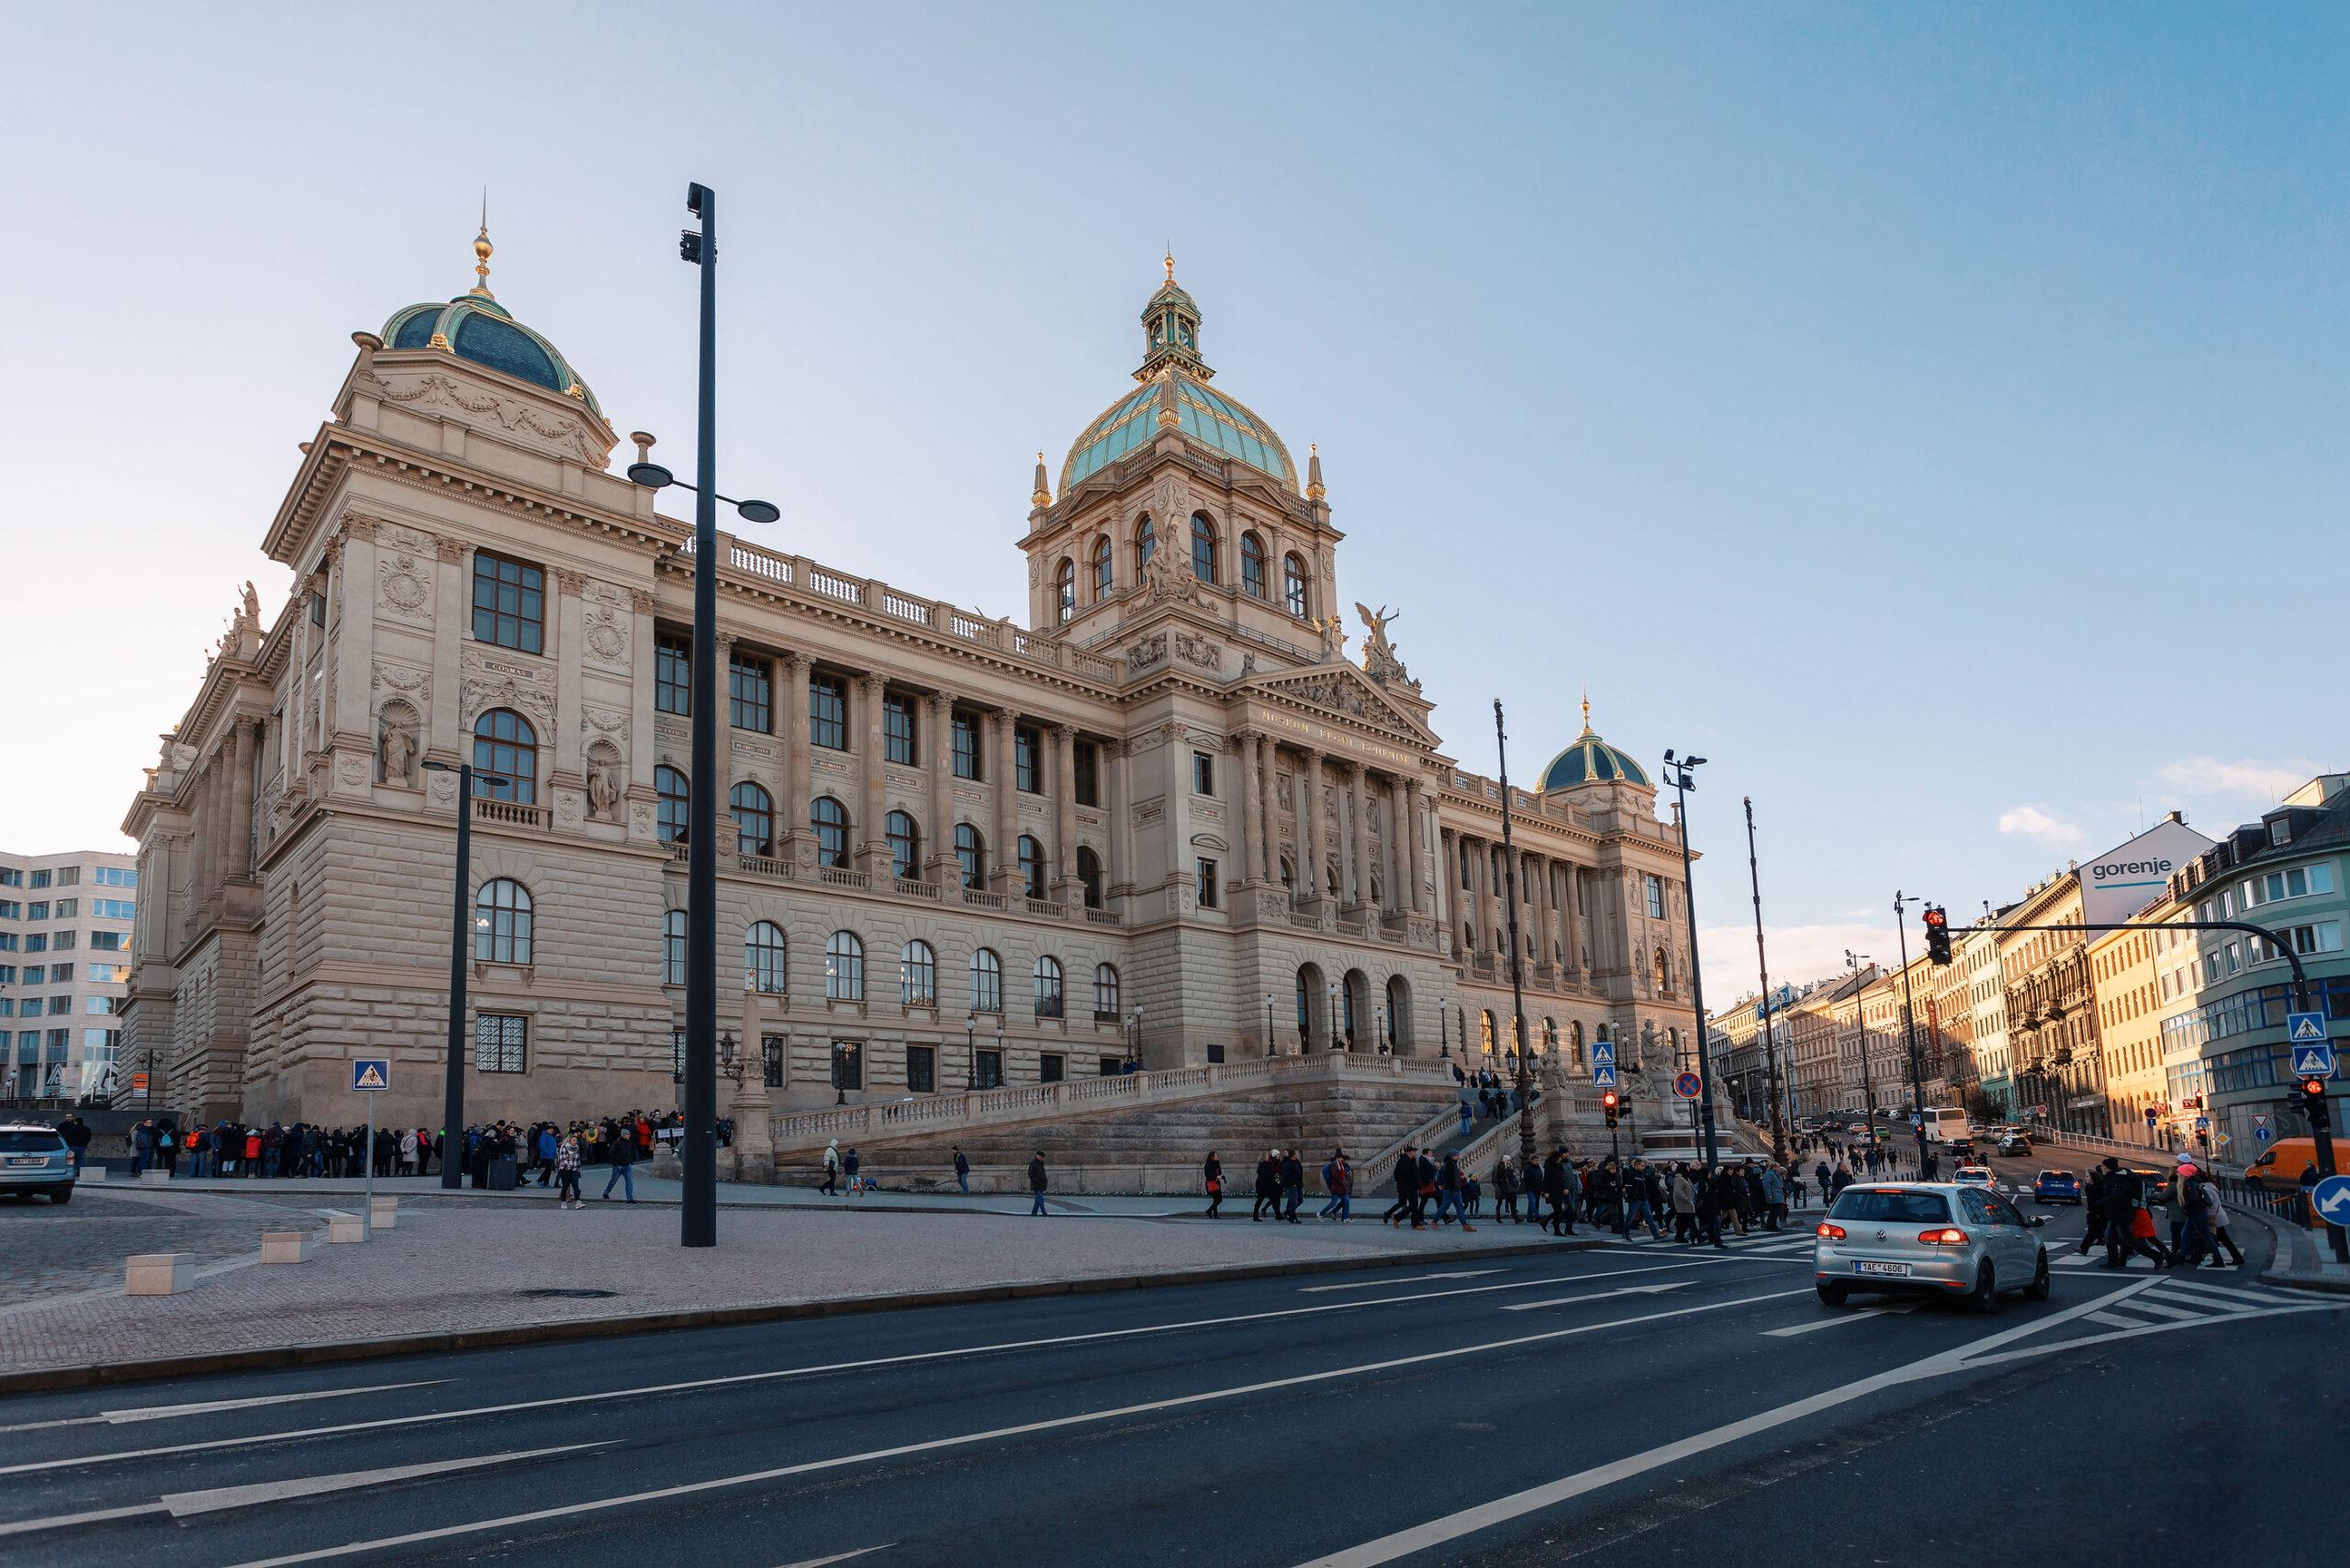 nasjonalmuseet Praha kunstmuseum attraksjon guide